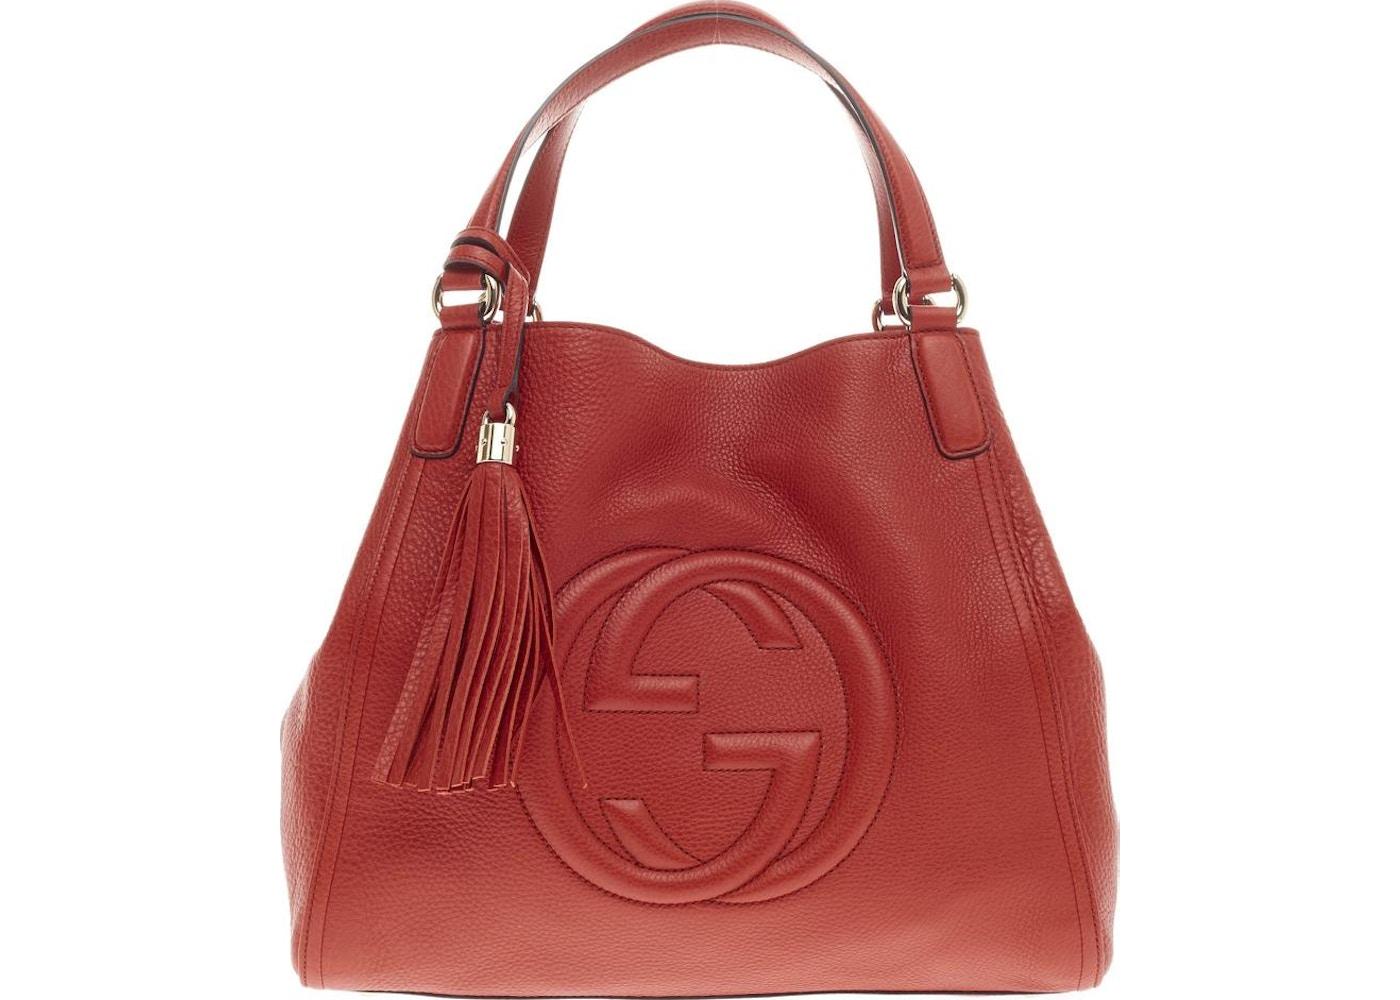 b40993ddf9a534 Gucci Soho Shoulder GG Interlocking GG Logo Stitched Medium Red ...